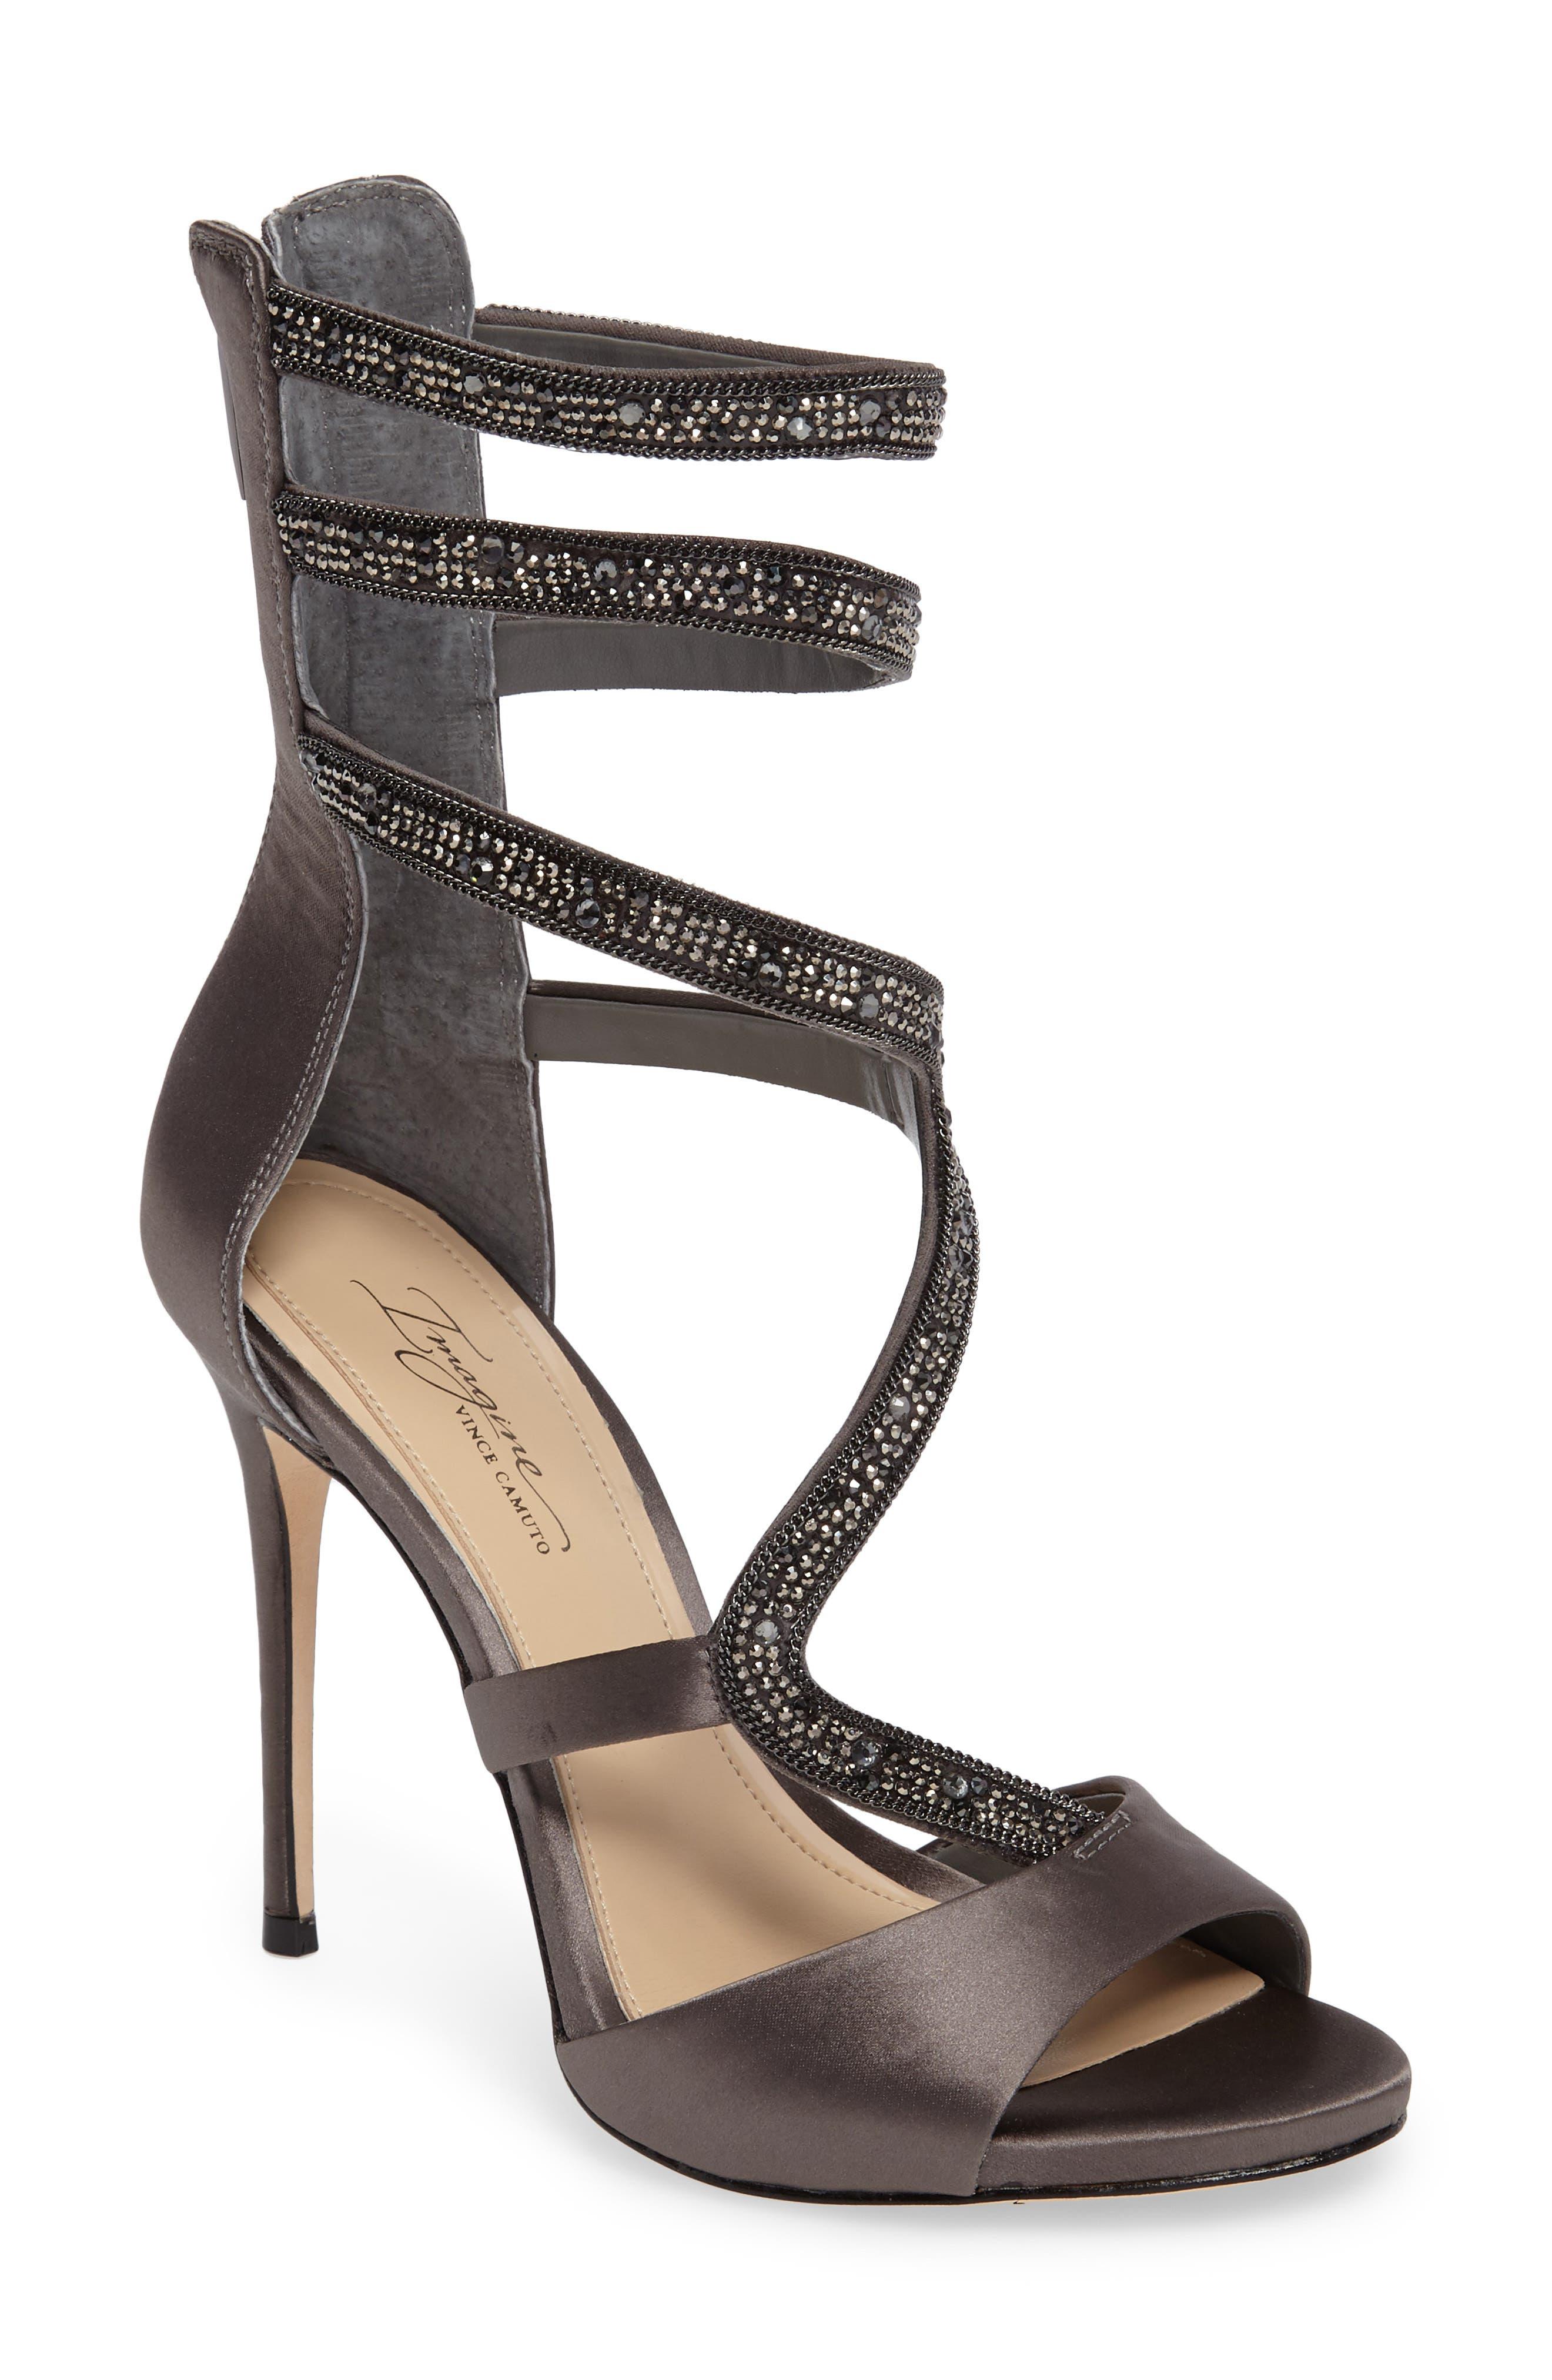 Alternate Image 1 Selected - Imagine Vince Camuto Dafny Embellished Sandal (Women)